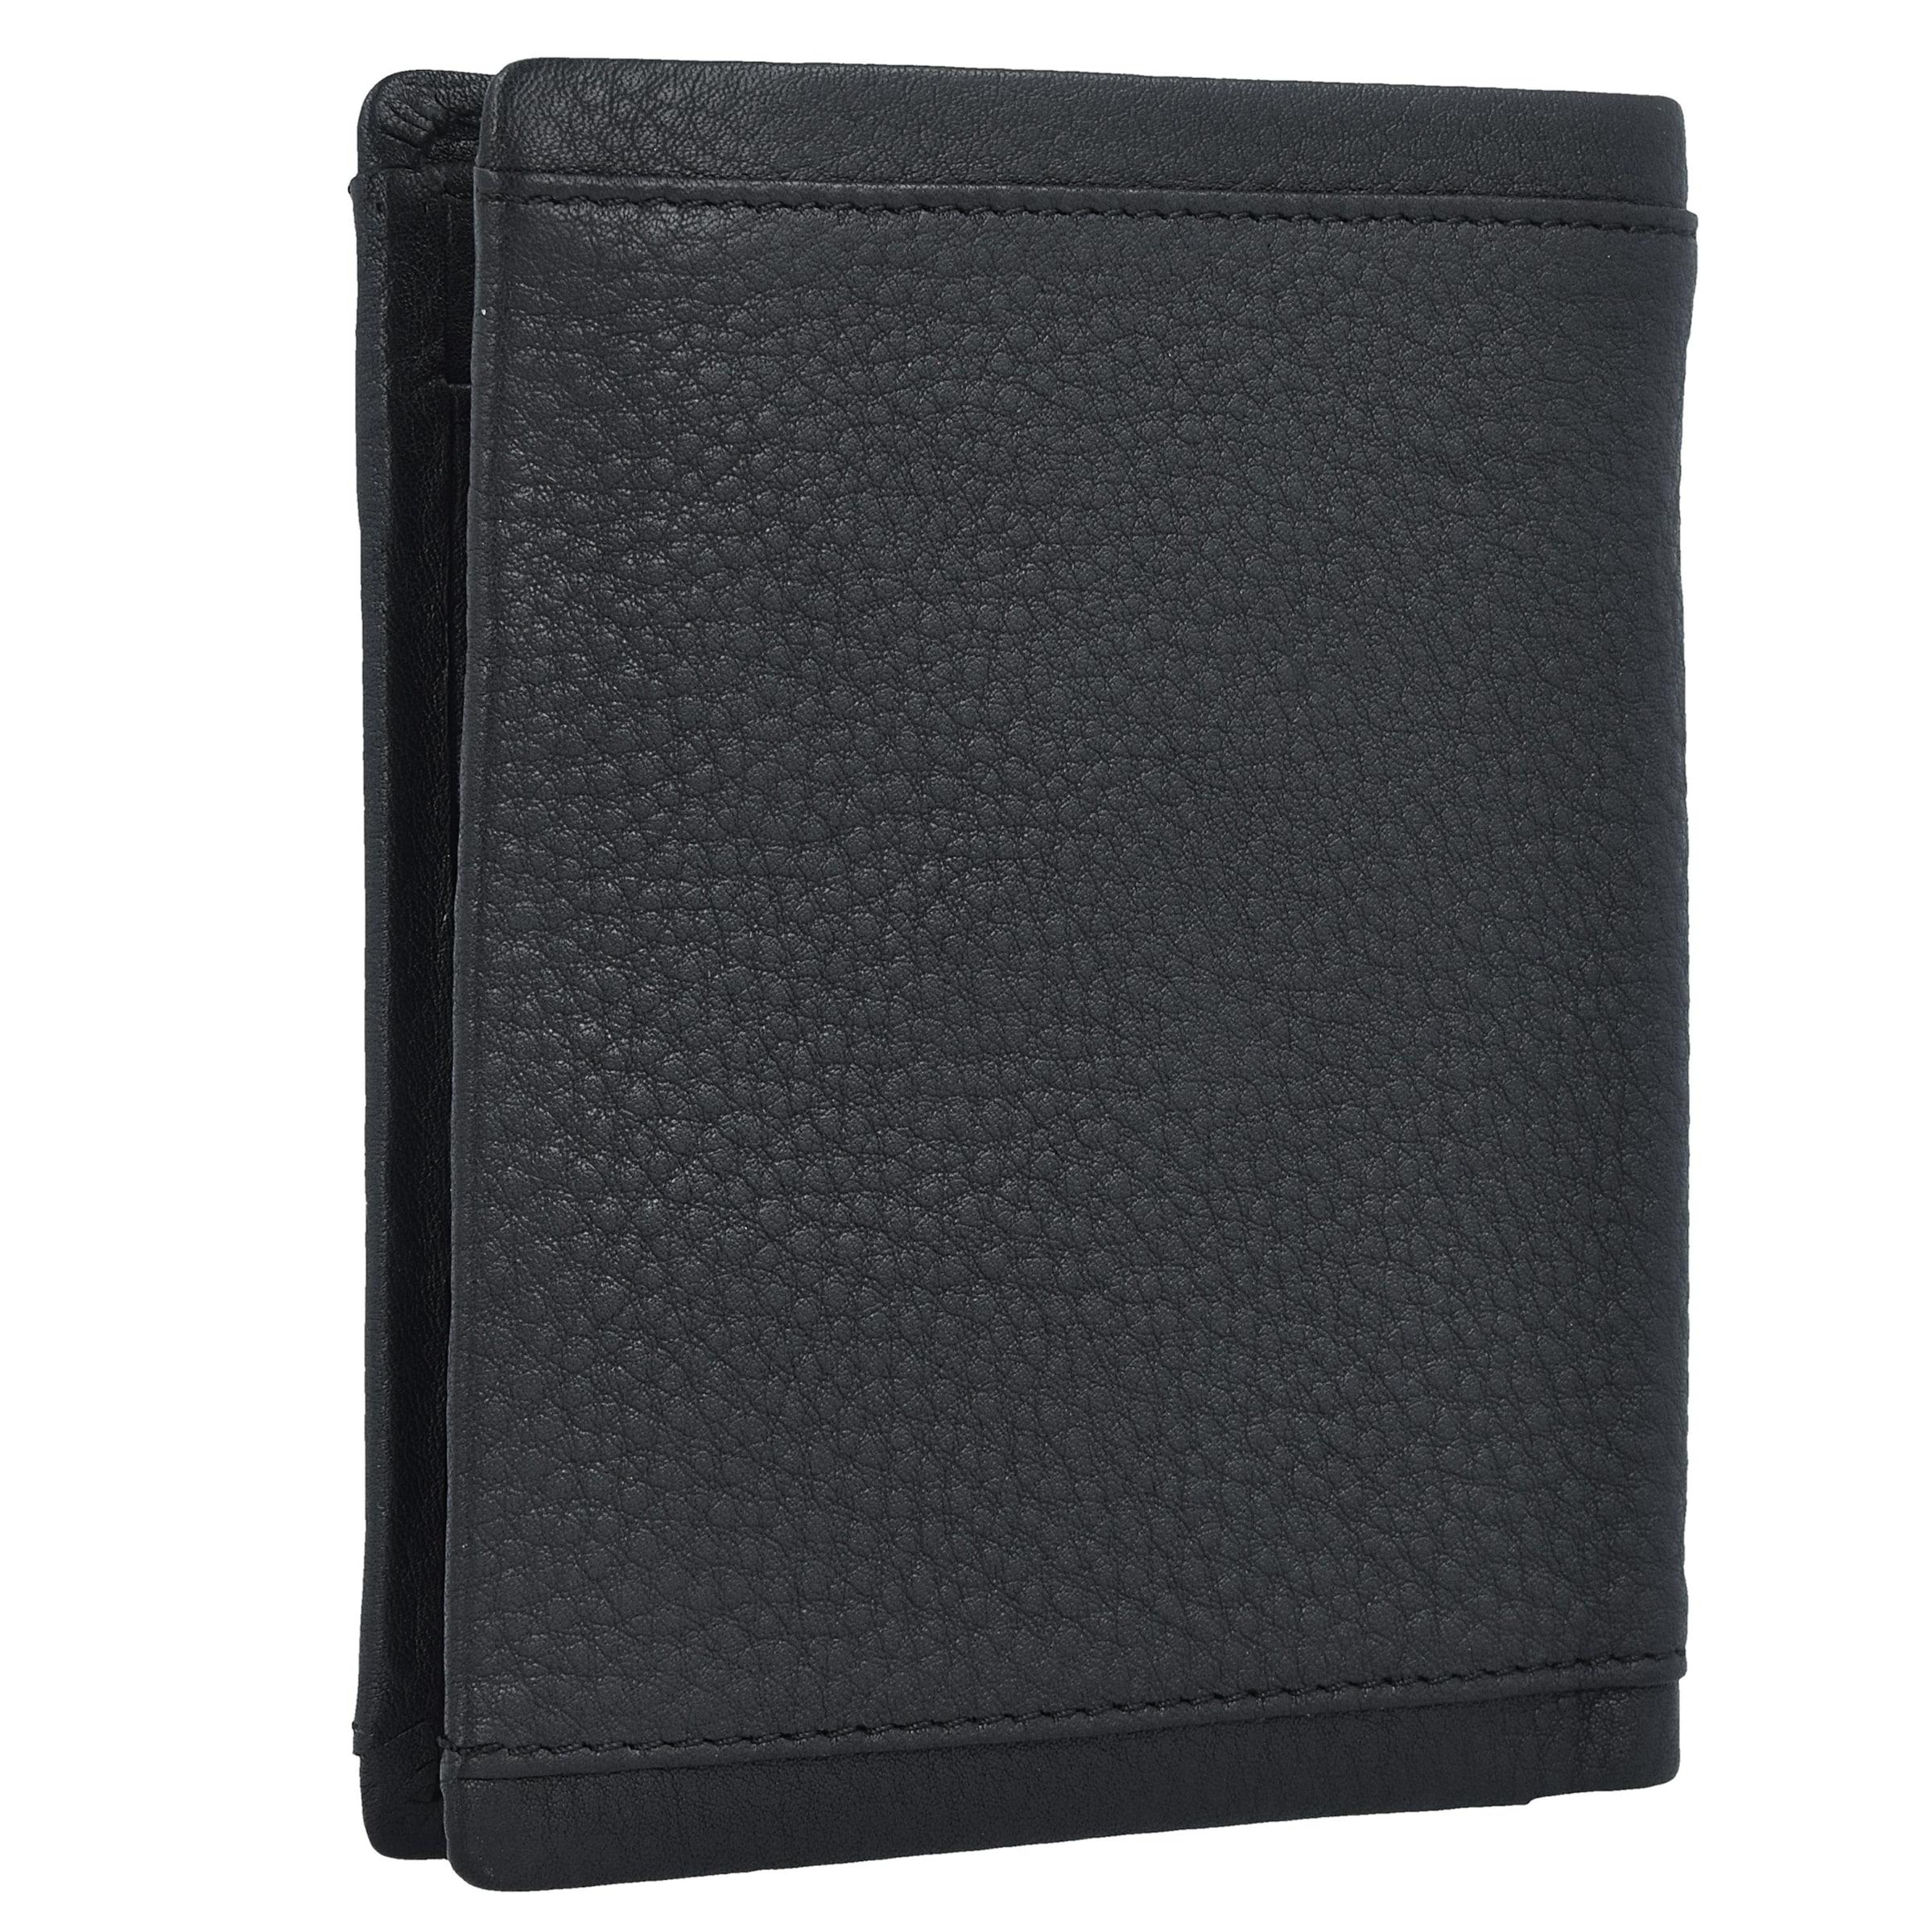 SAMSONITE Zenith SLG Geldbörse Leder 10 cm Brandneues Unisex Verkauf Online Spielraum Beruf Bestpreis Dv6K5